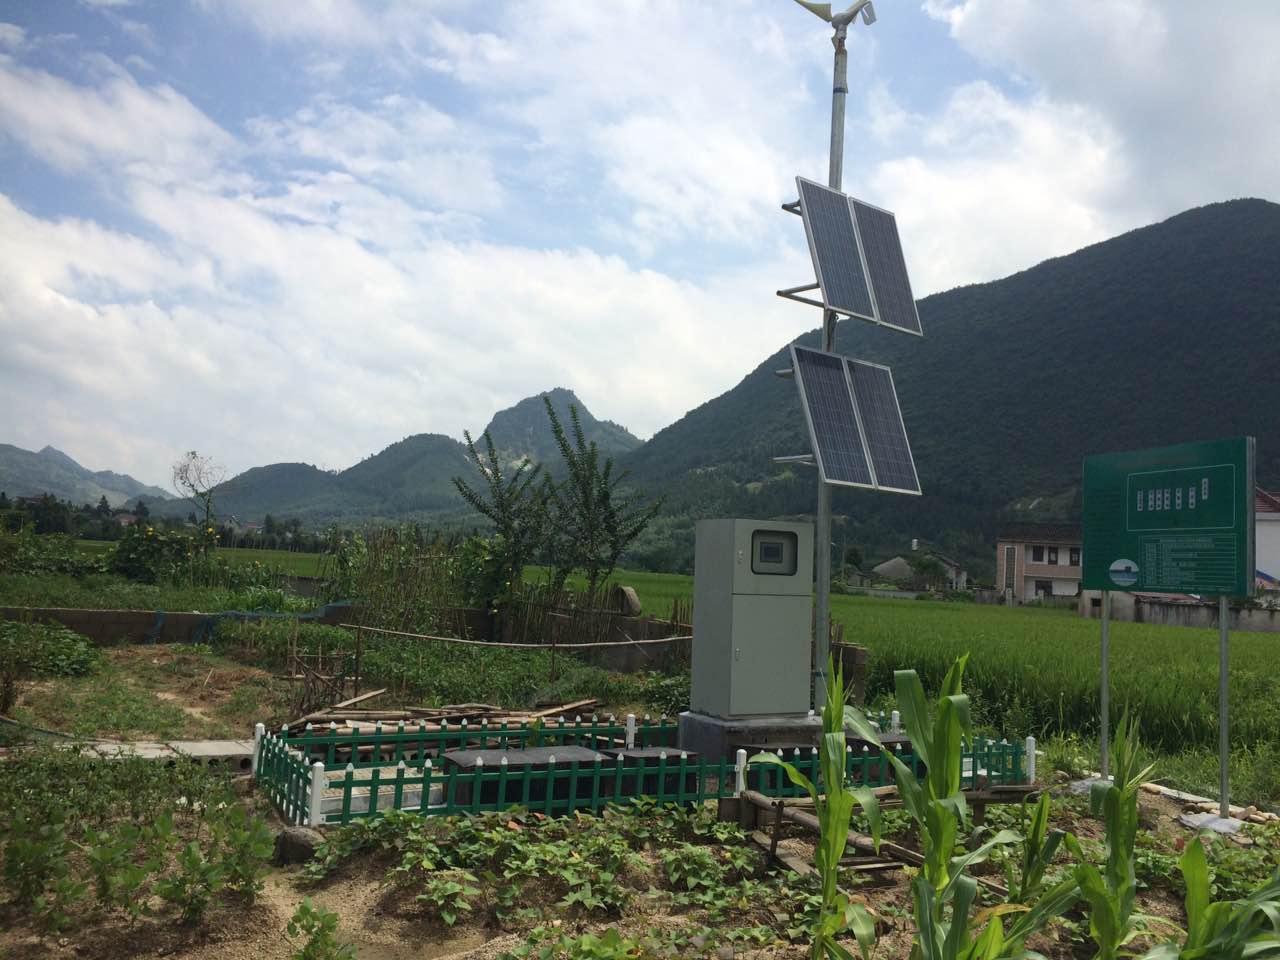 陵陽鎮三河村20噸天風光互補微動力污水